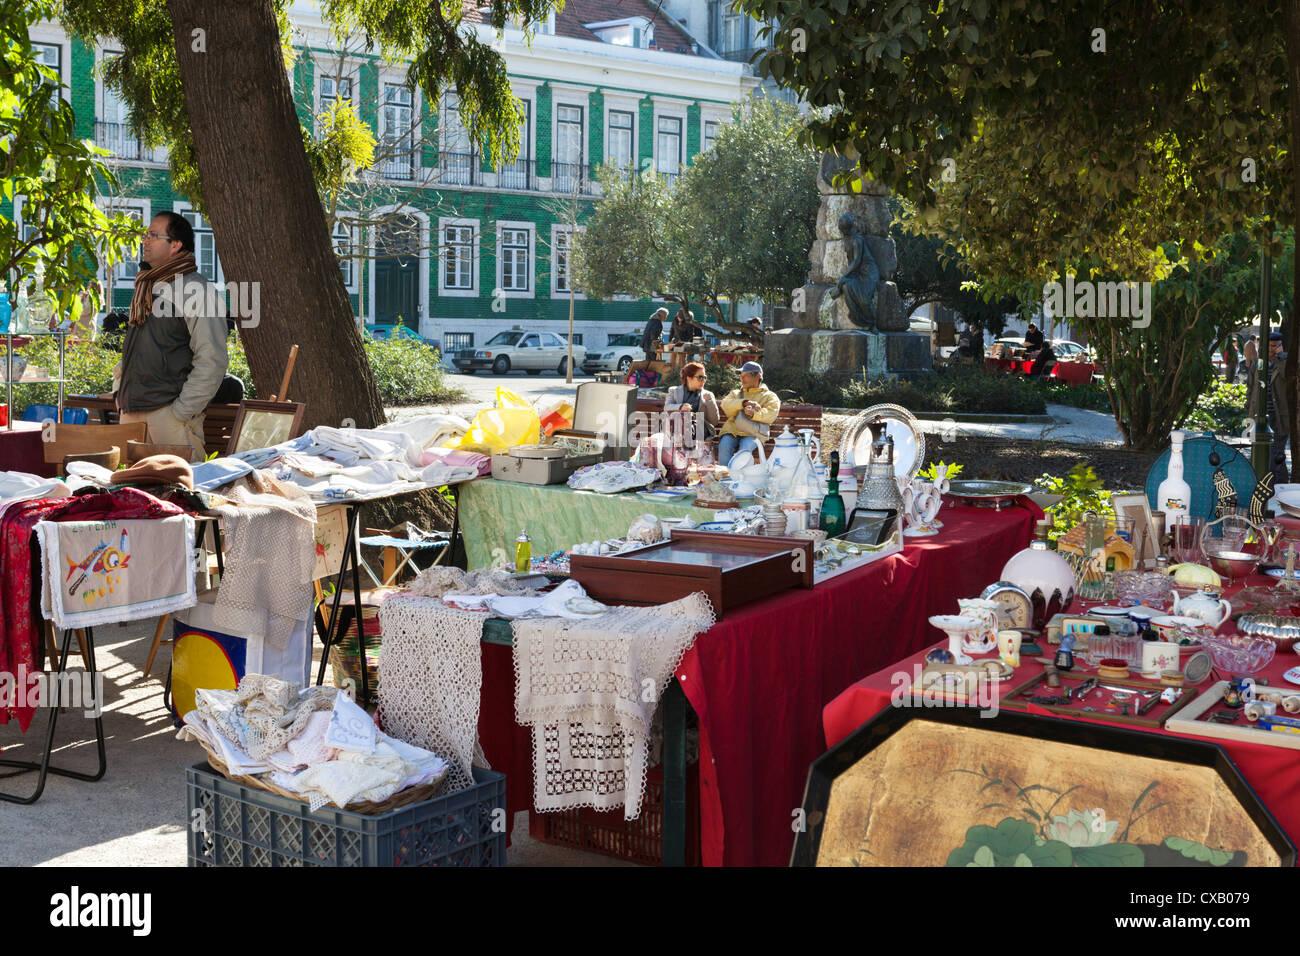 Strada del mercato sulla Praca do Principe Real, Bairro Alto, Lisbona, Portogallo, Europa Immagini Stock